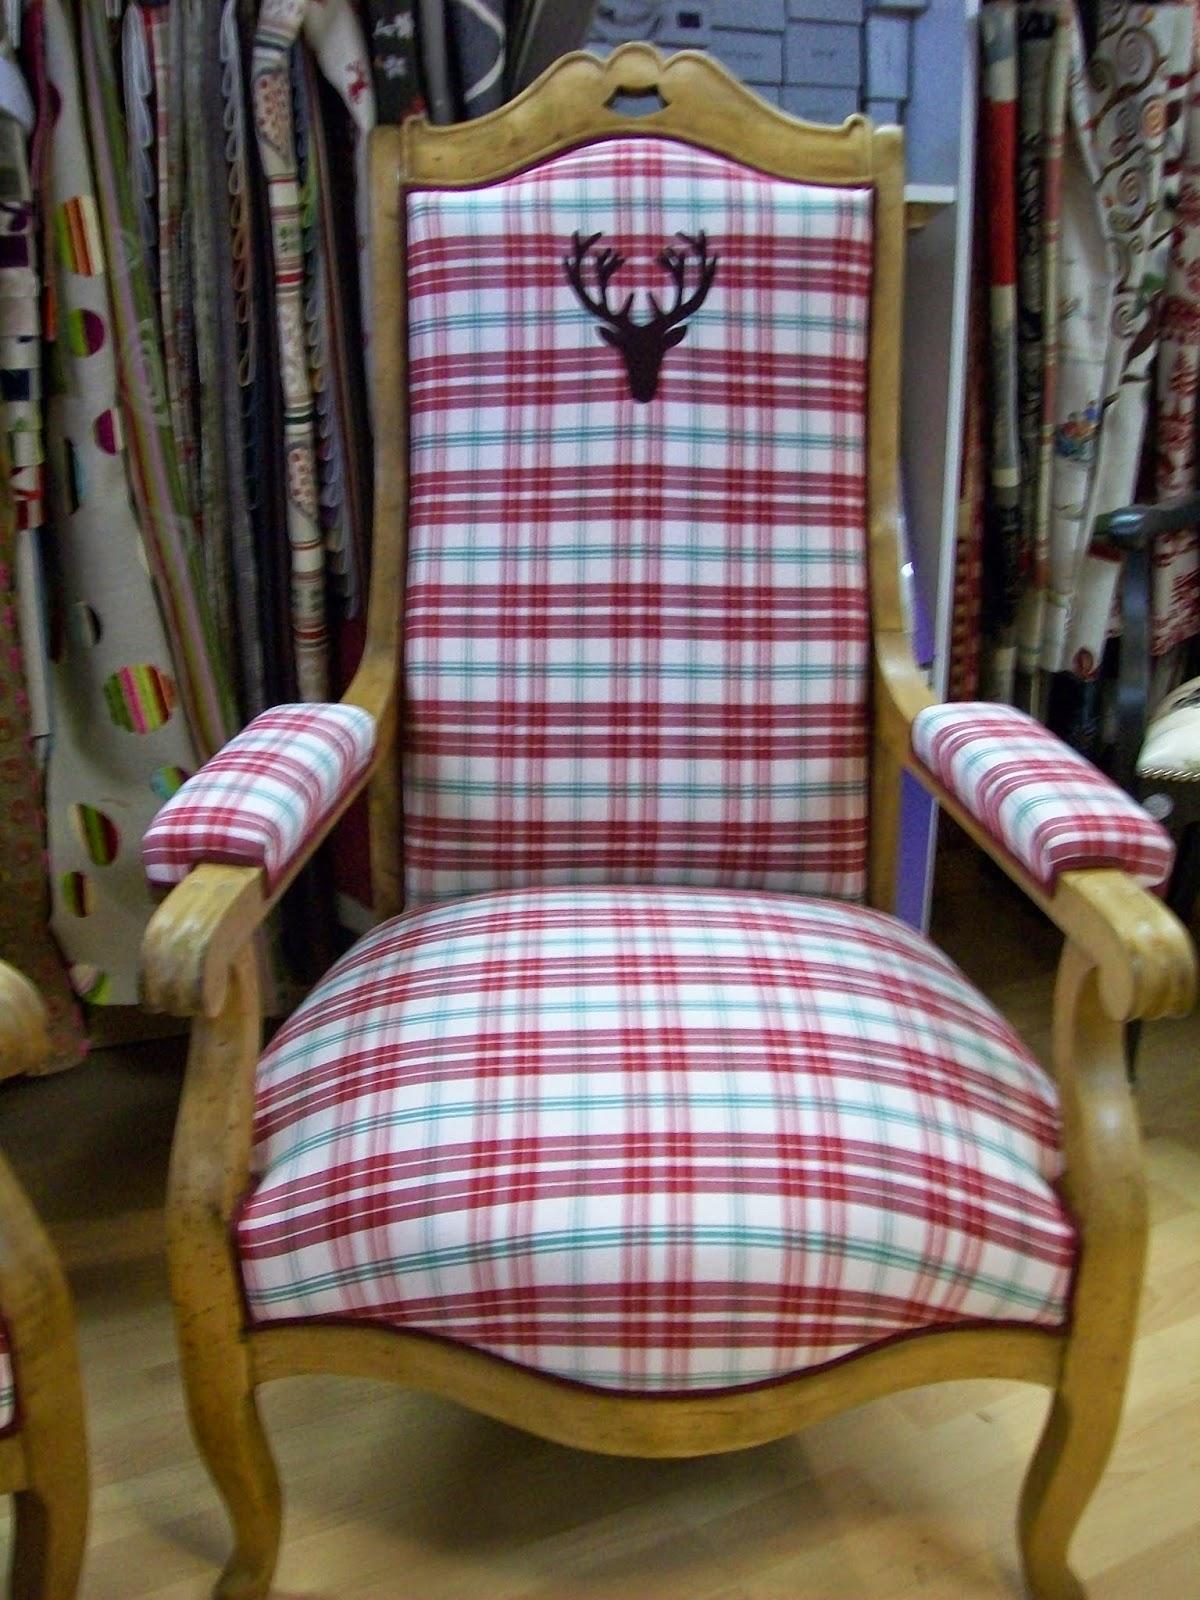 tissu pour recouvrir fauteuil voltaire. Black Bedroom Furniture Sets. Home Design Ideas